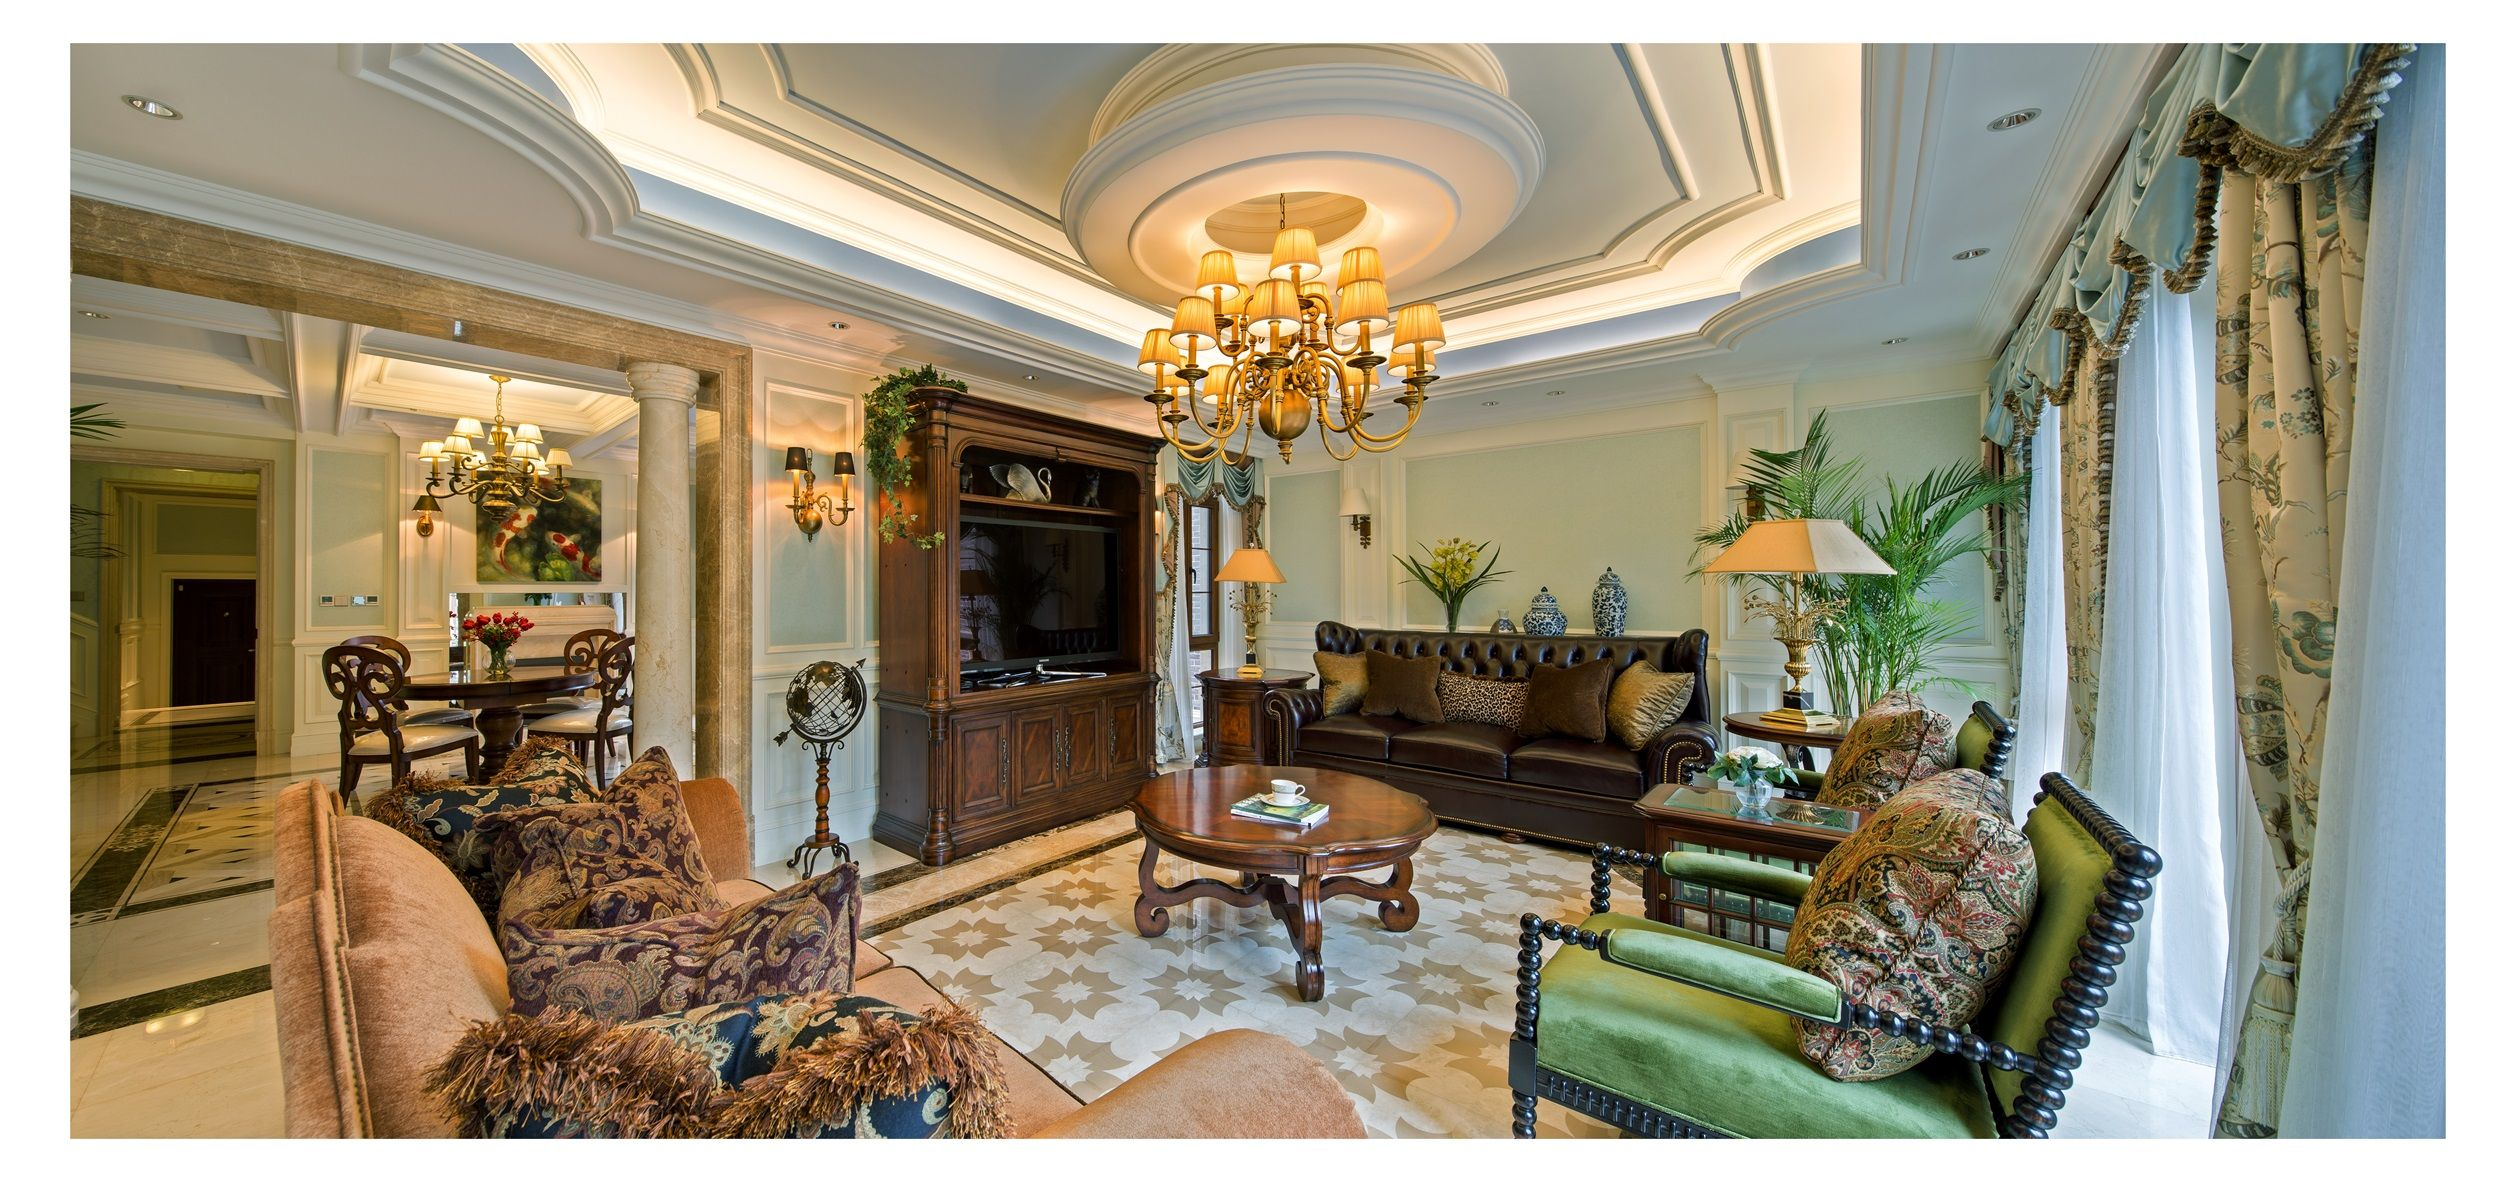 客厅的白色护墙板,蓝色乳胶漆,铜艺吊灯,美式家具,拼花地砖,这些看似图片